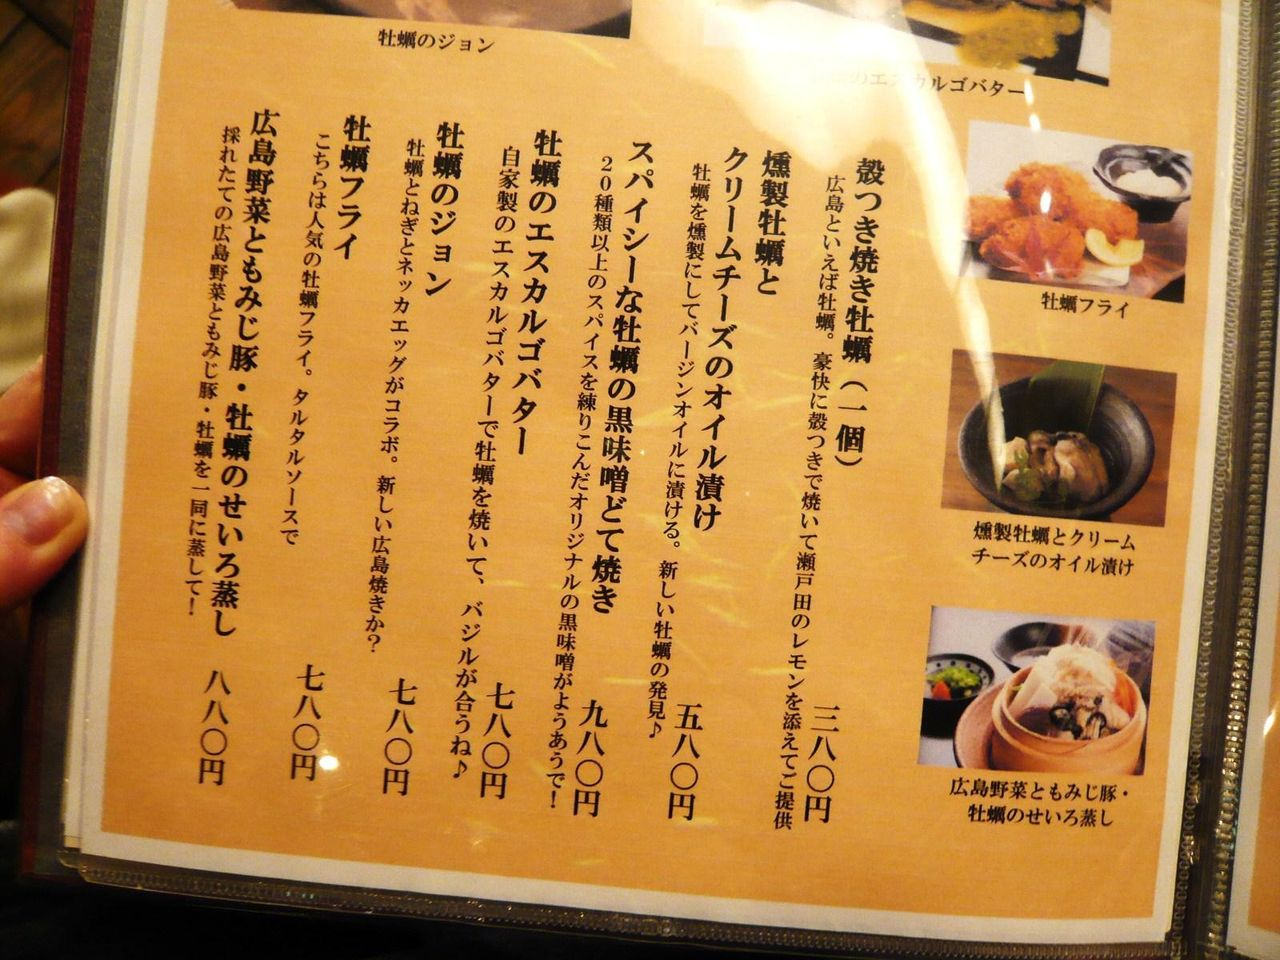 「四季や」の牡蠣メニュー(22年12月現在)